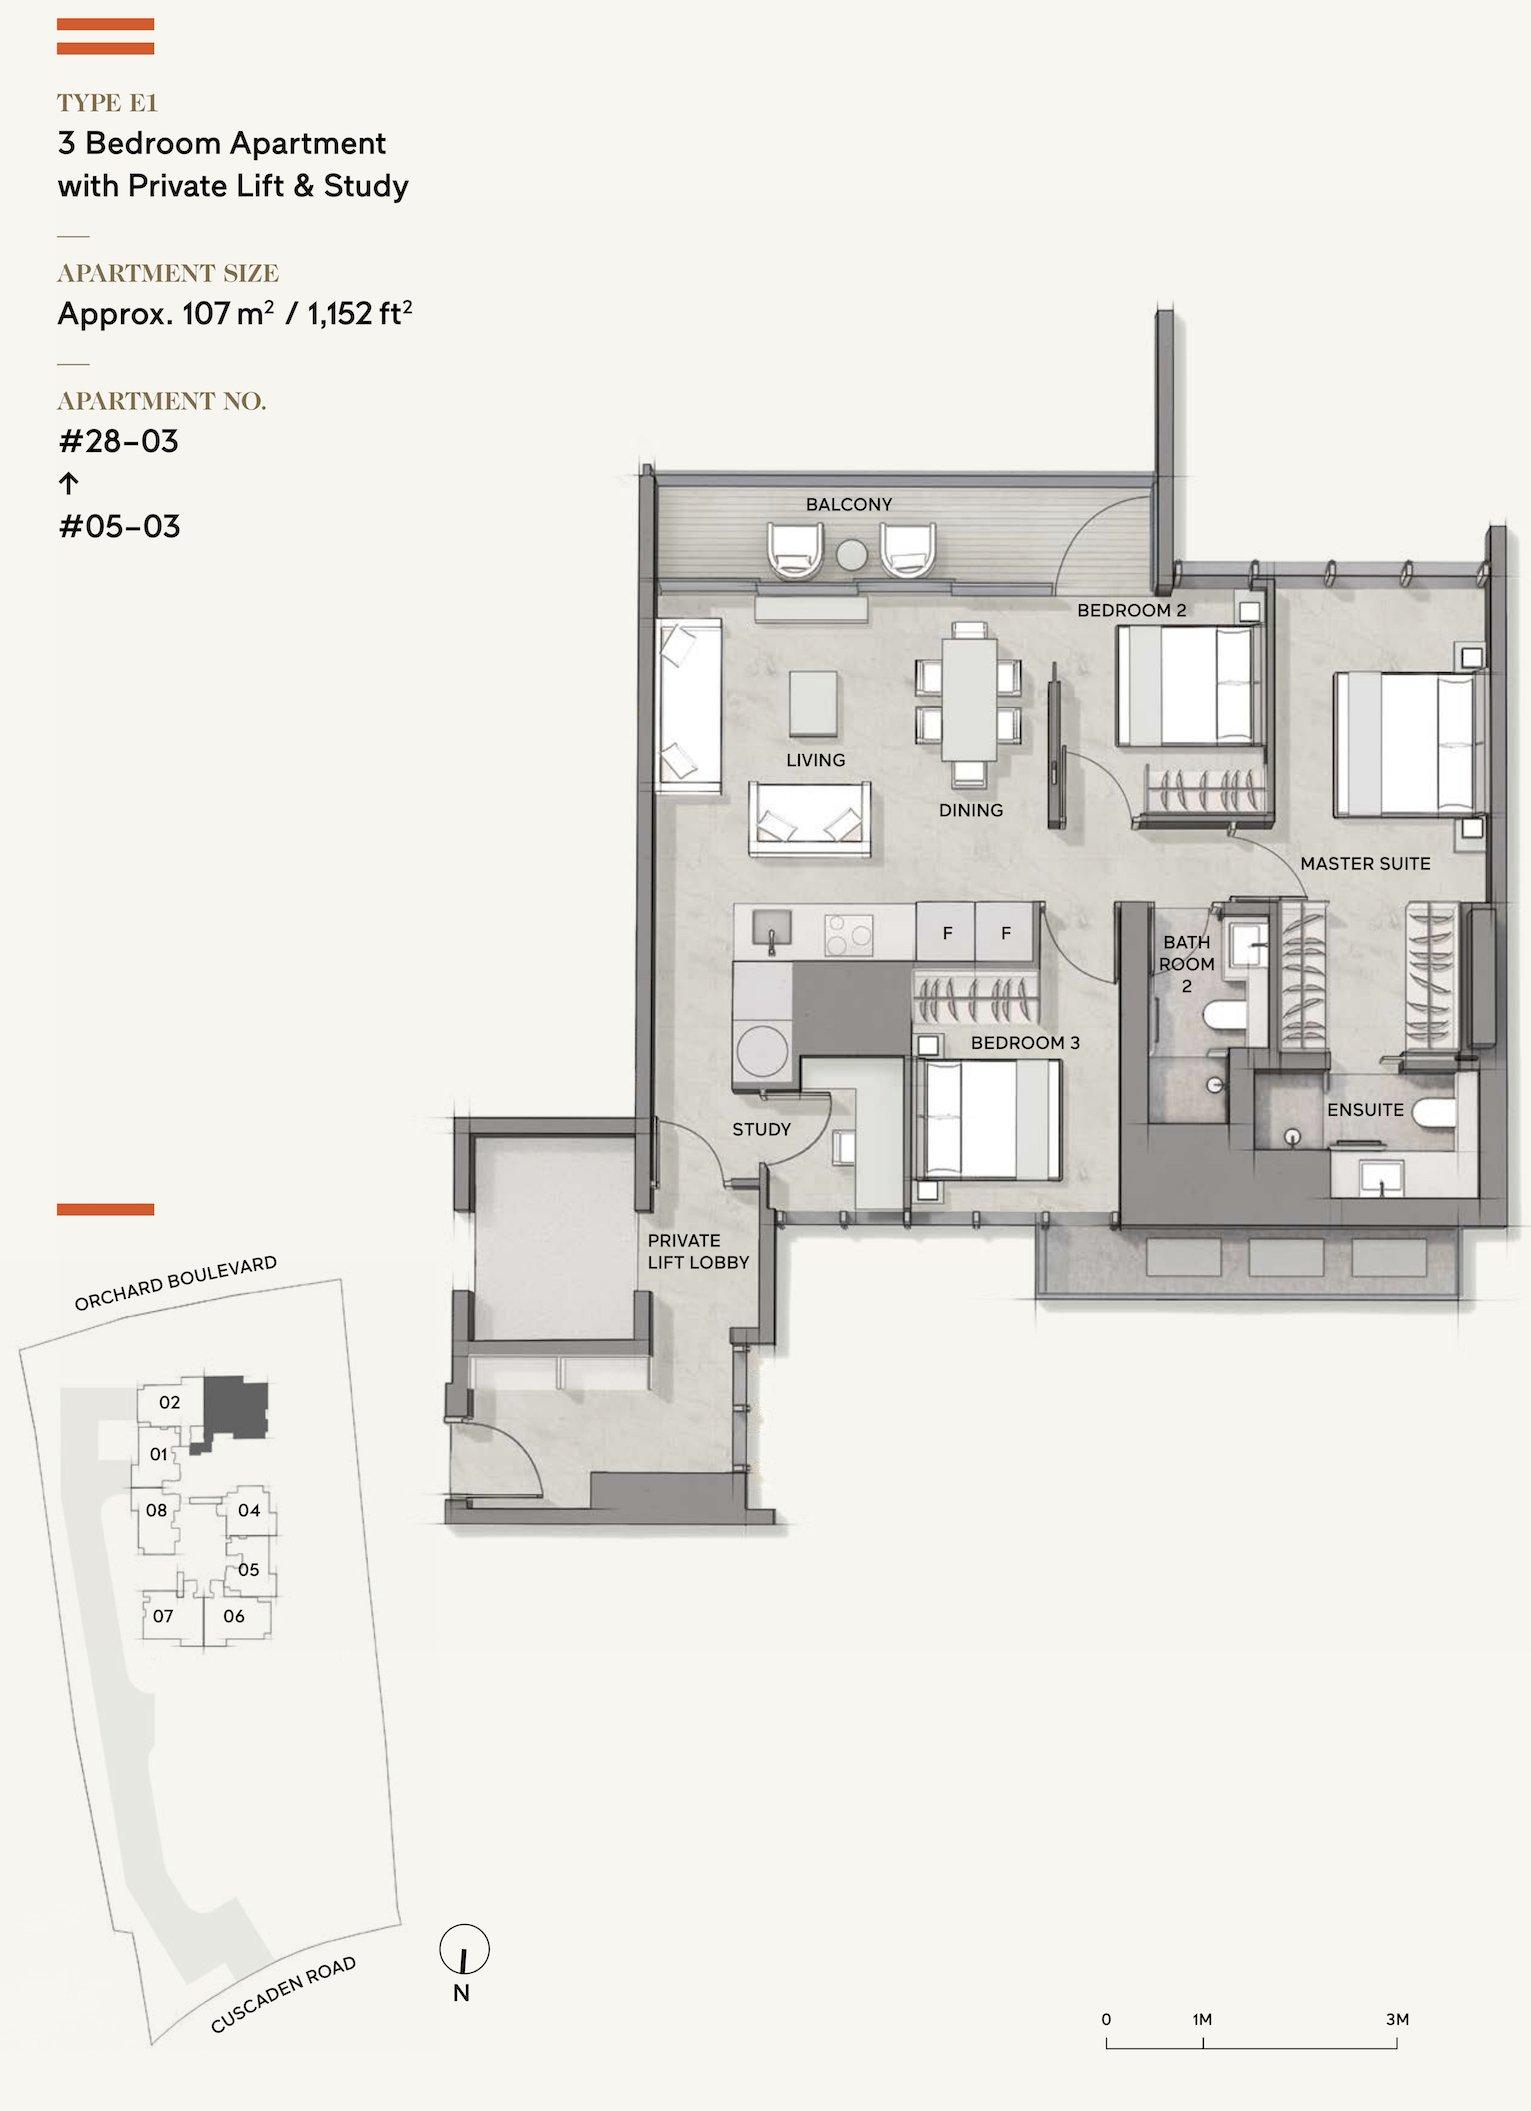 Cuscaden Reserve 公寓 floor plan 3 bedroom study